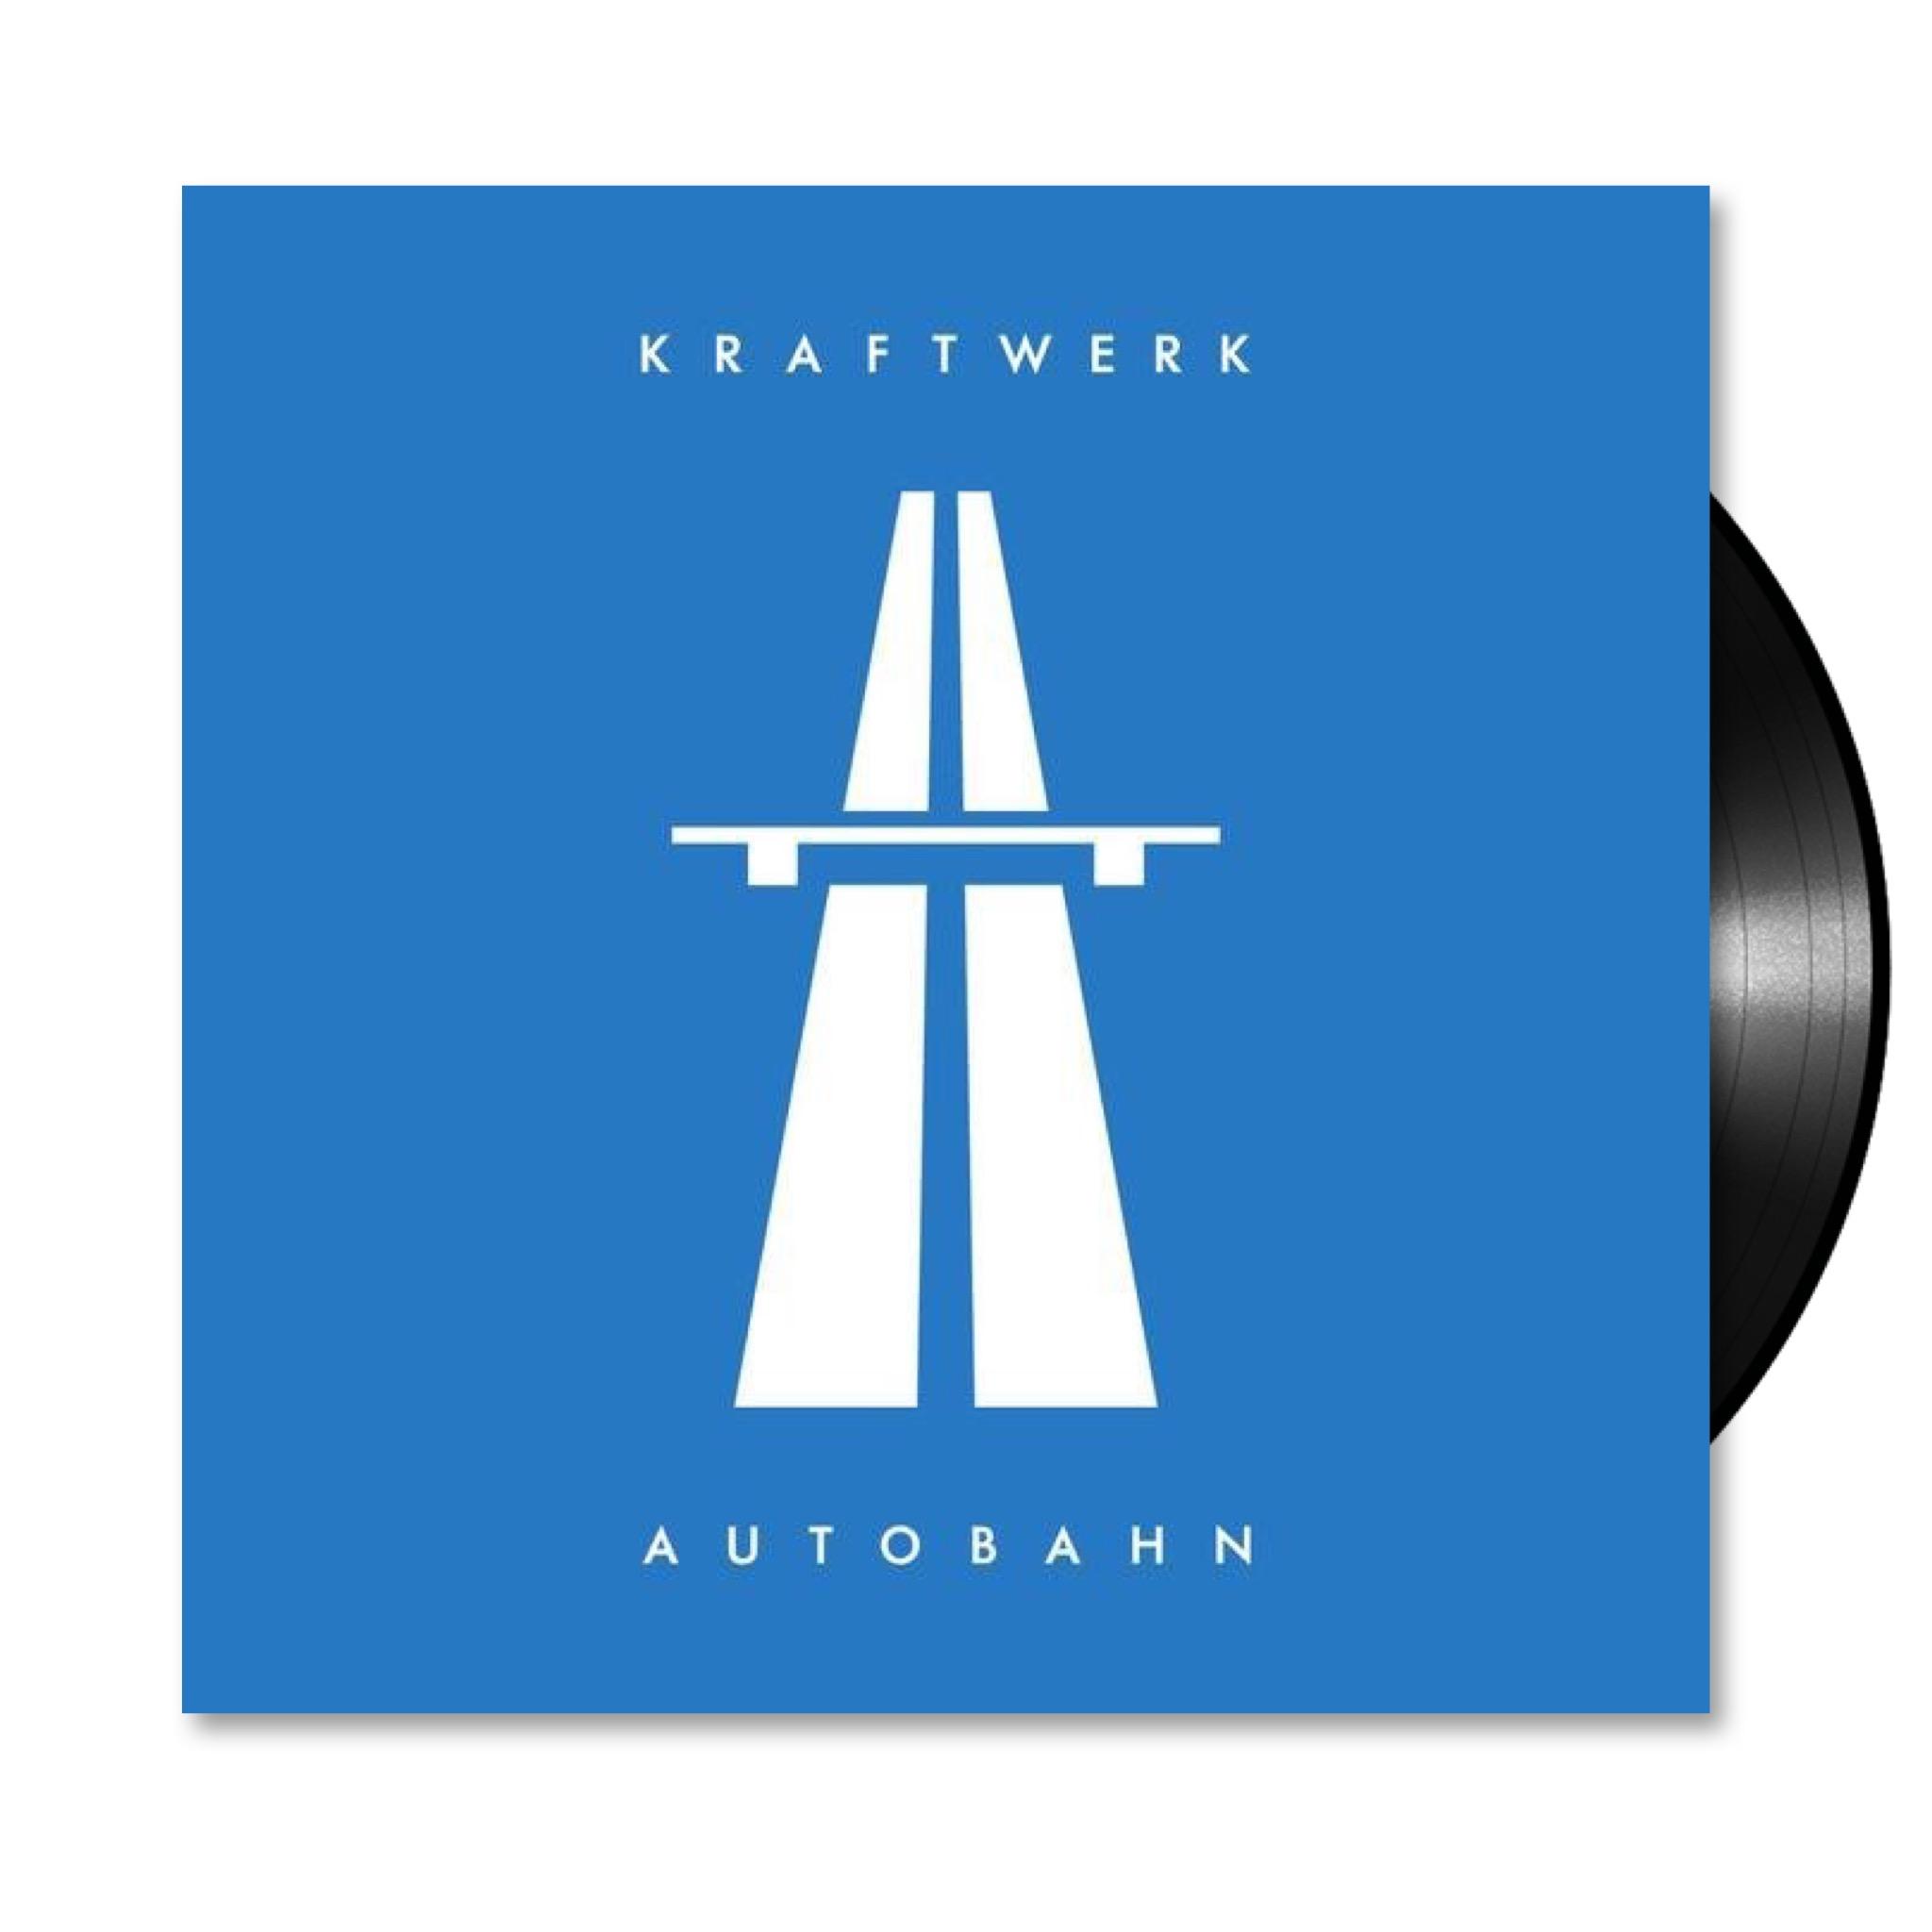 pochette album Kraftwerk